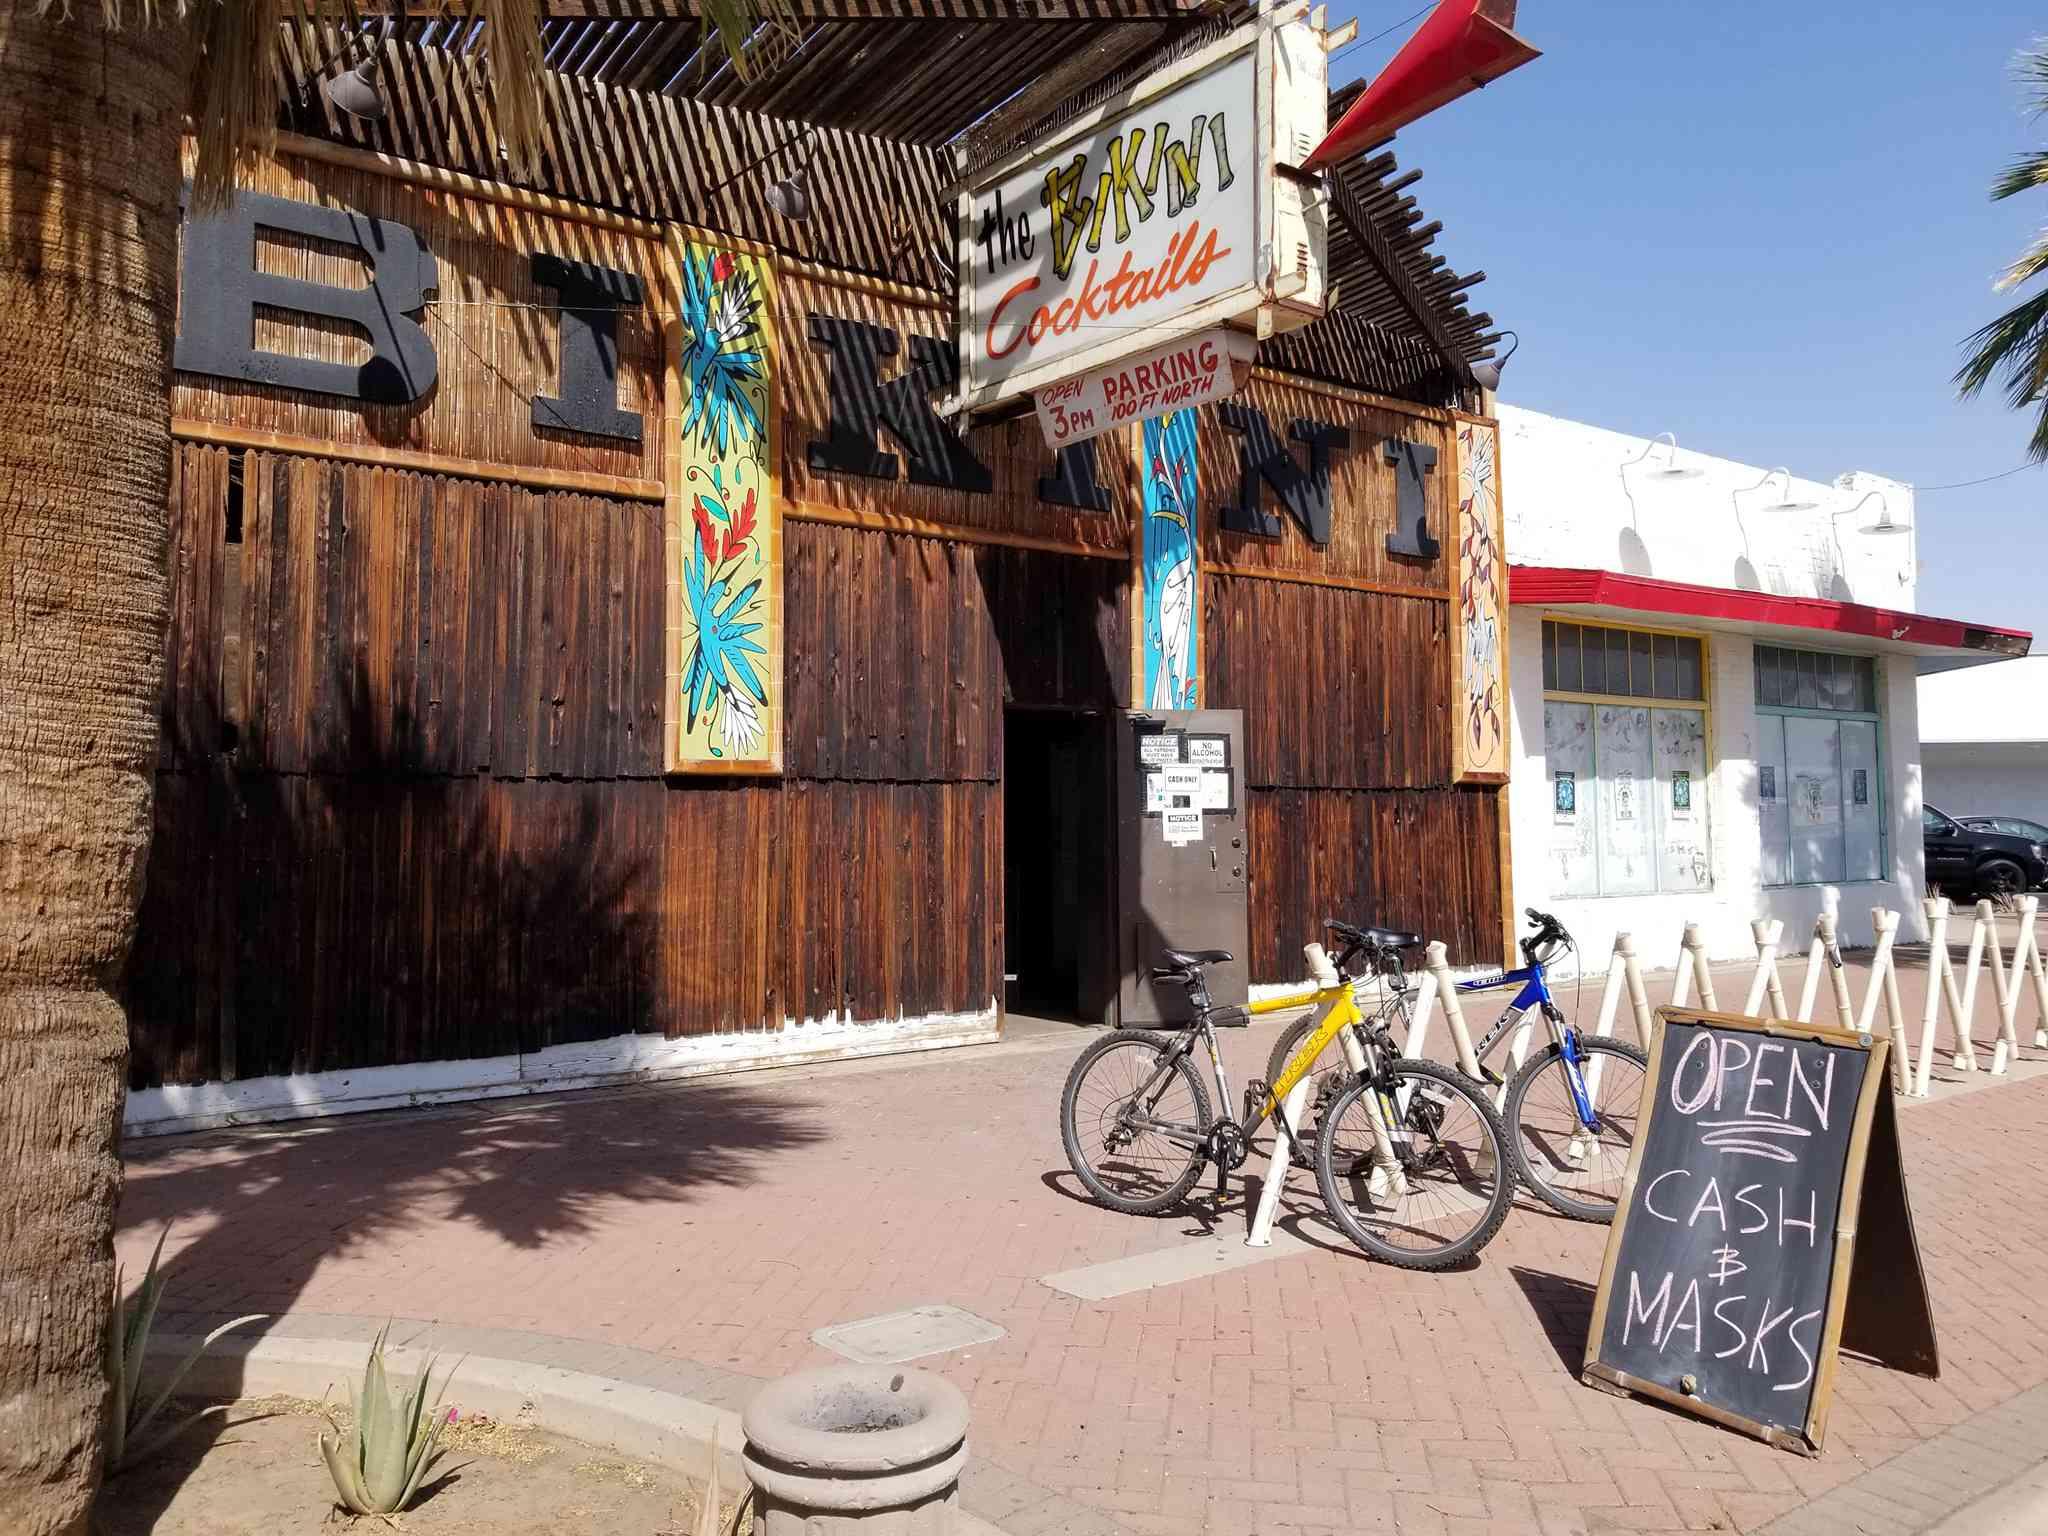 Bar in Arizona